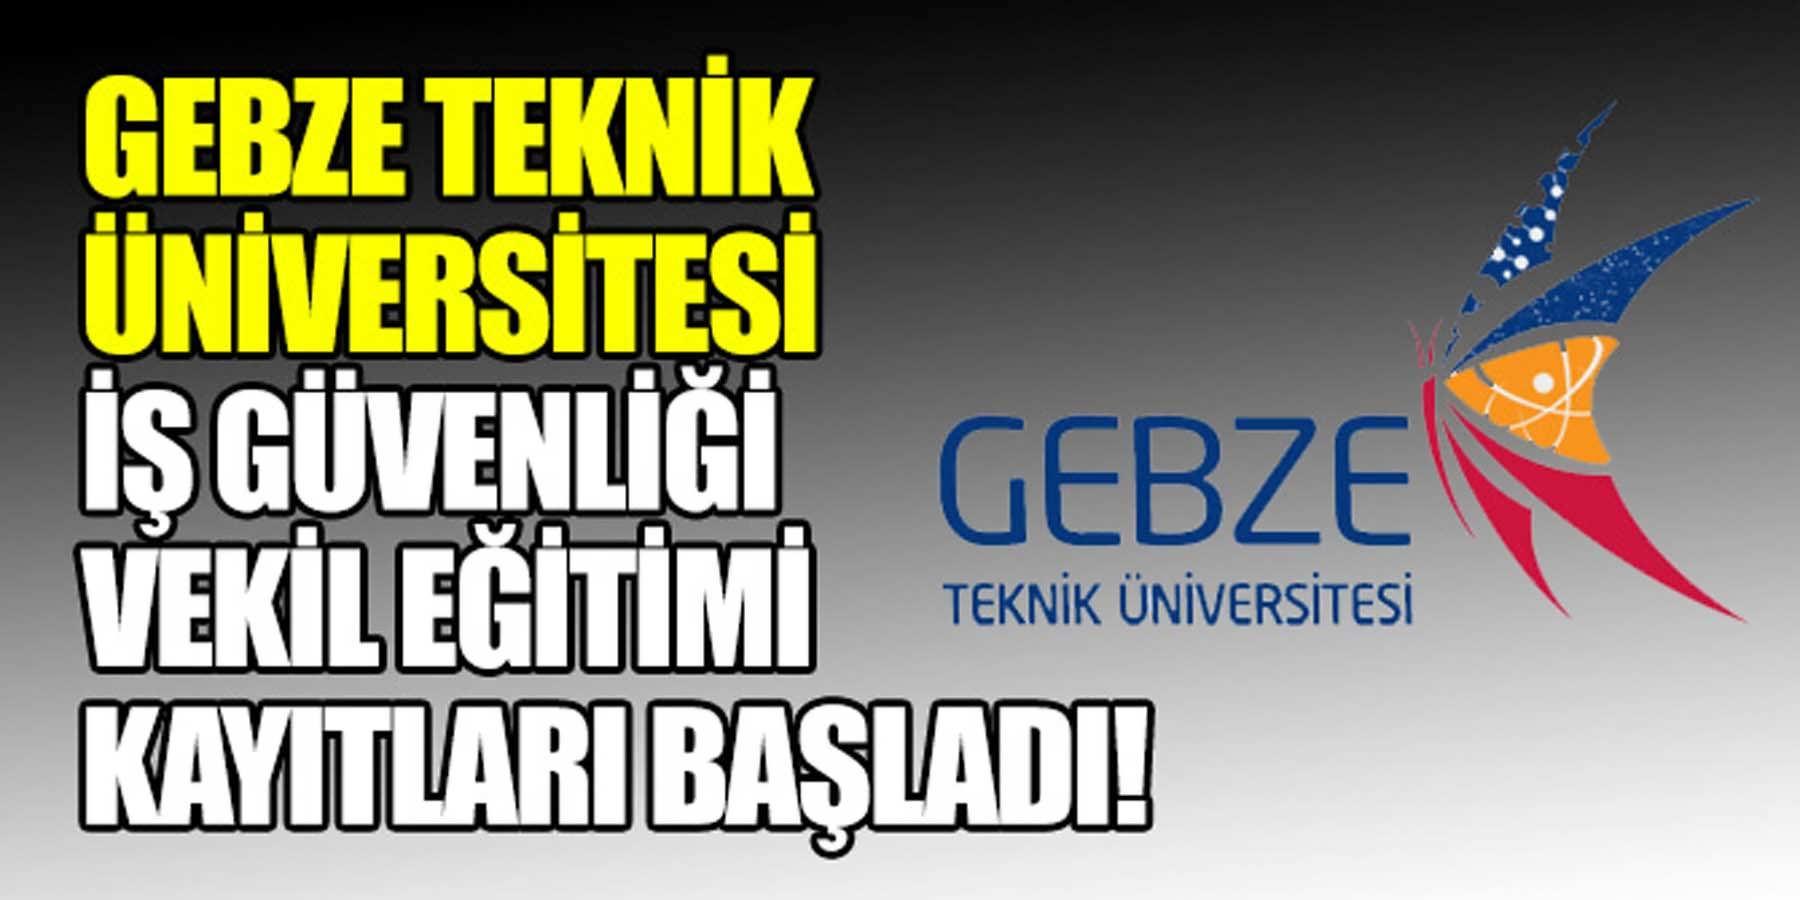 Gebze Teknik Üniversitesi İş Güvenliği Vekil Eğitim Kayıtları Başladı